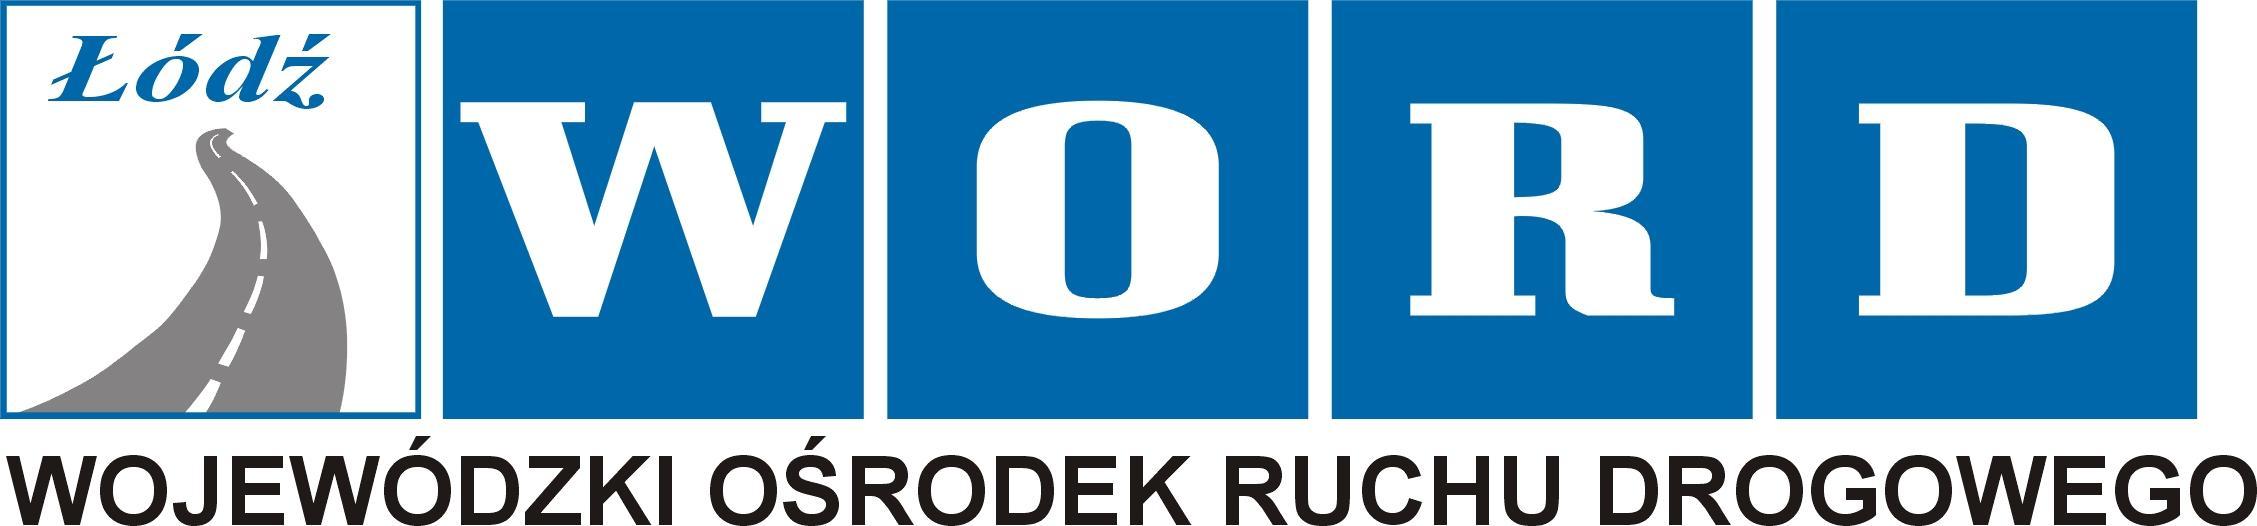 logo8.jpg (15.70 Kb)